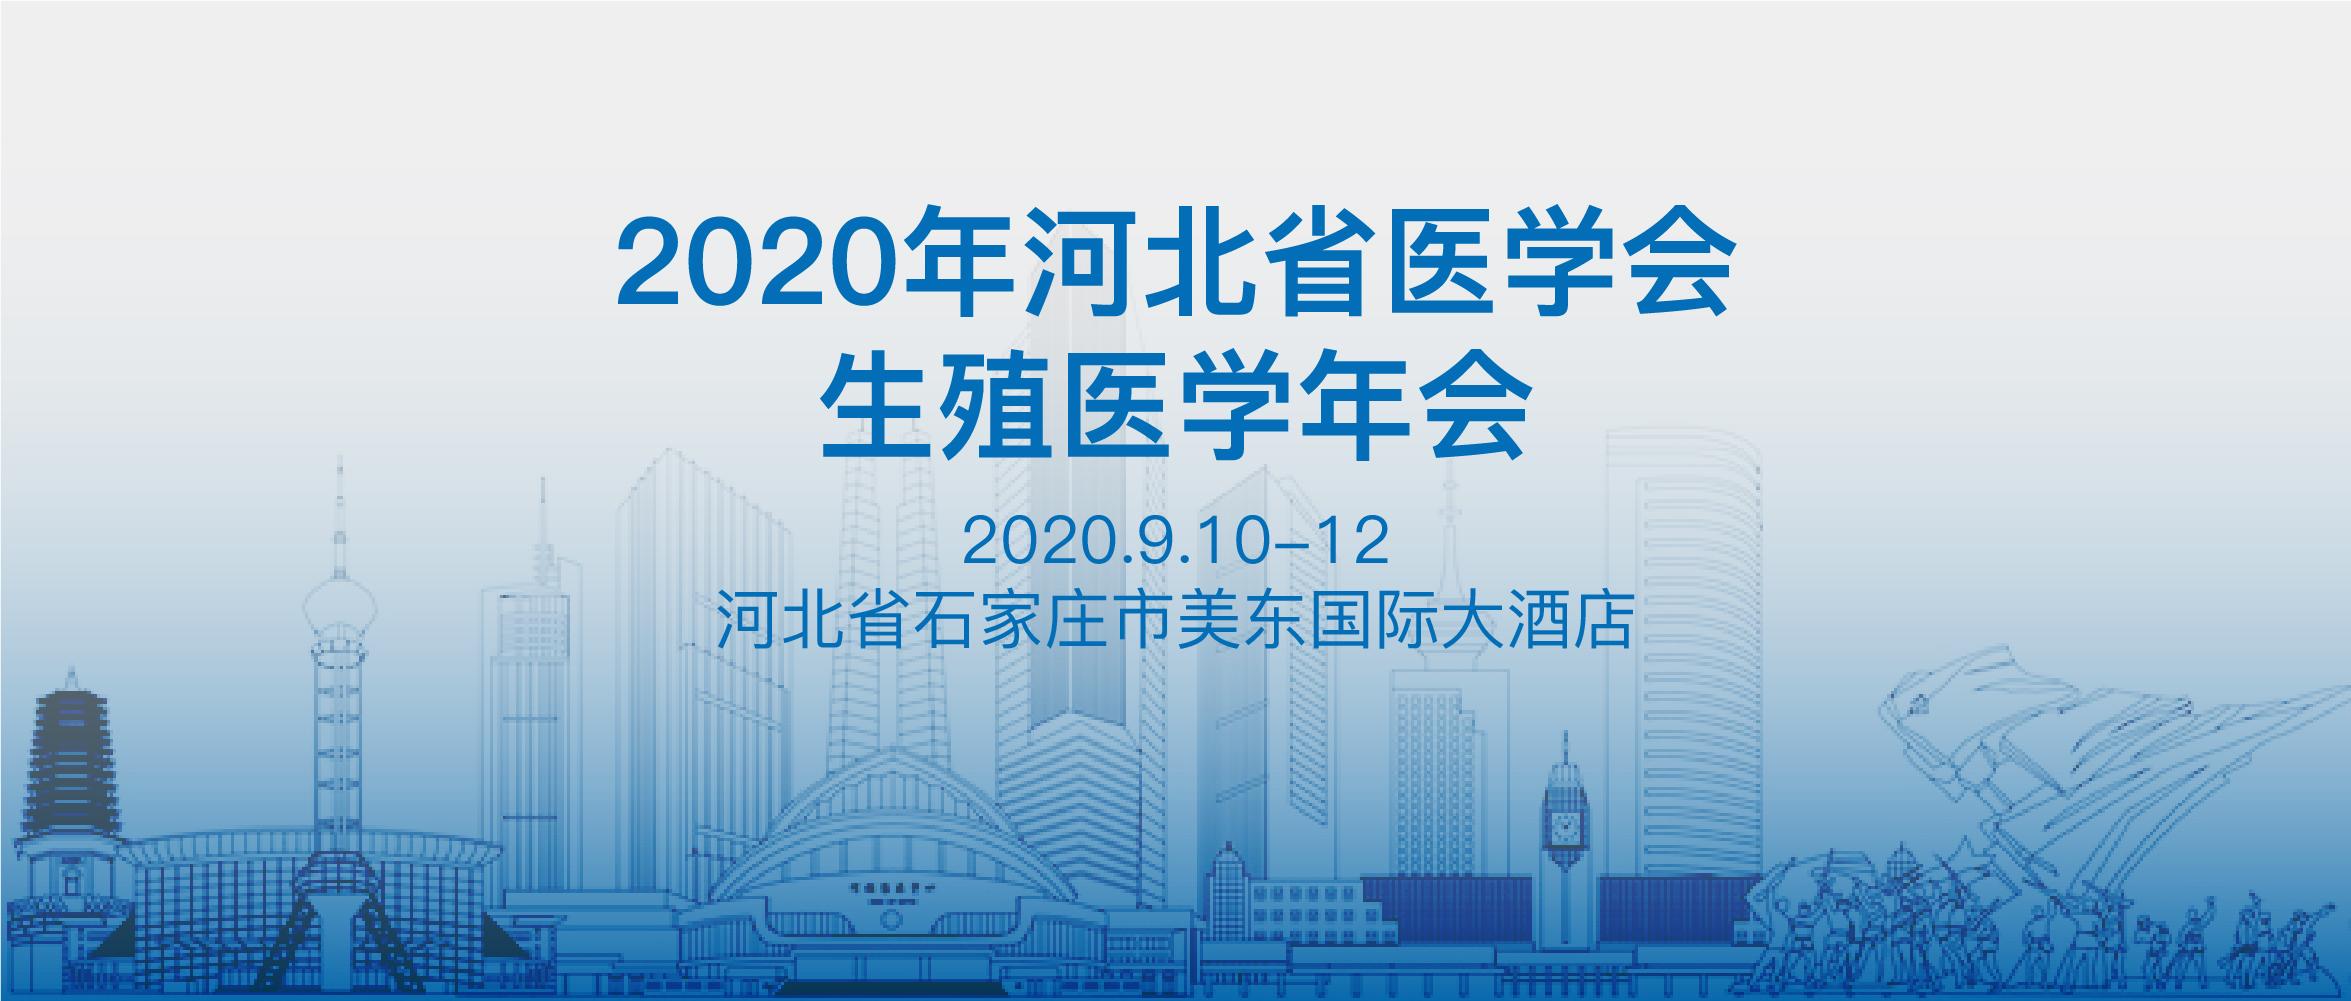 邀请函丨贝康医疗邀您参加2020年河北省医学会生殖医学年会